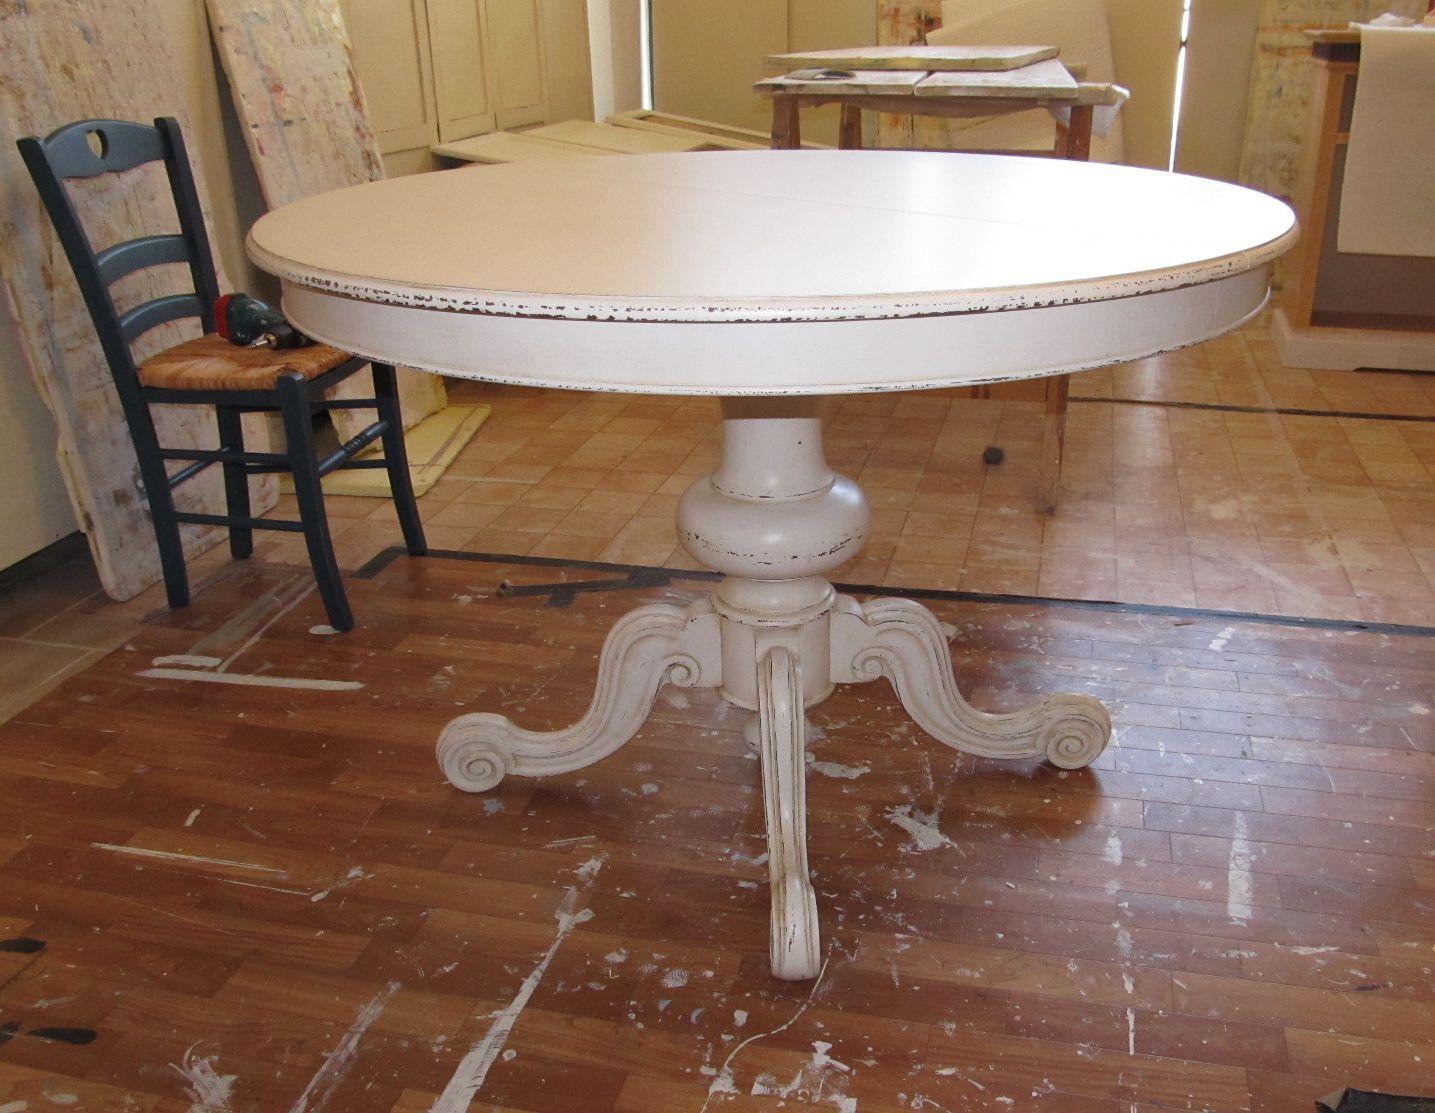 Tavolo Con Gamba Centrale Allungabile tavolo rotondo #shabby con gamba centrale lavorata | idee